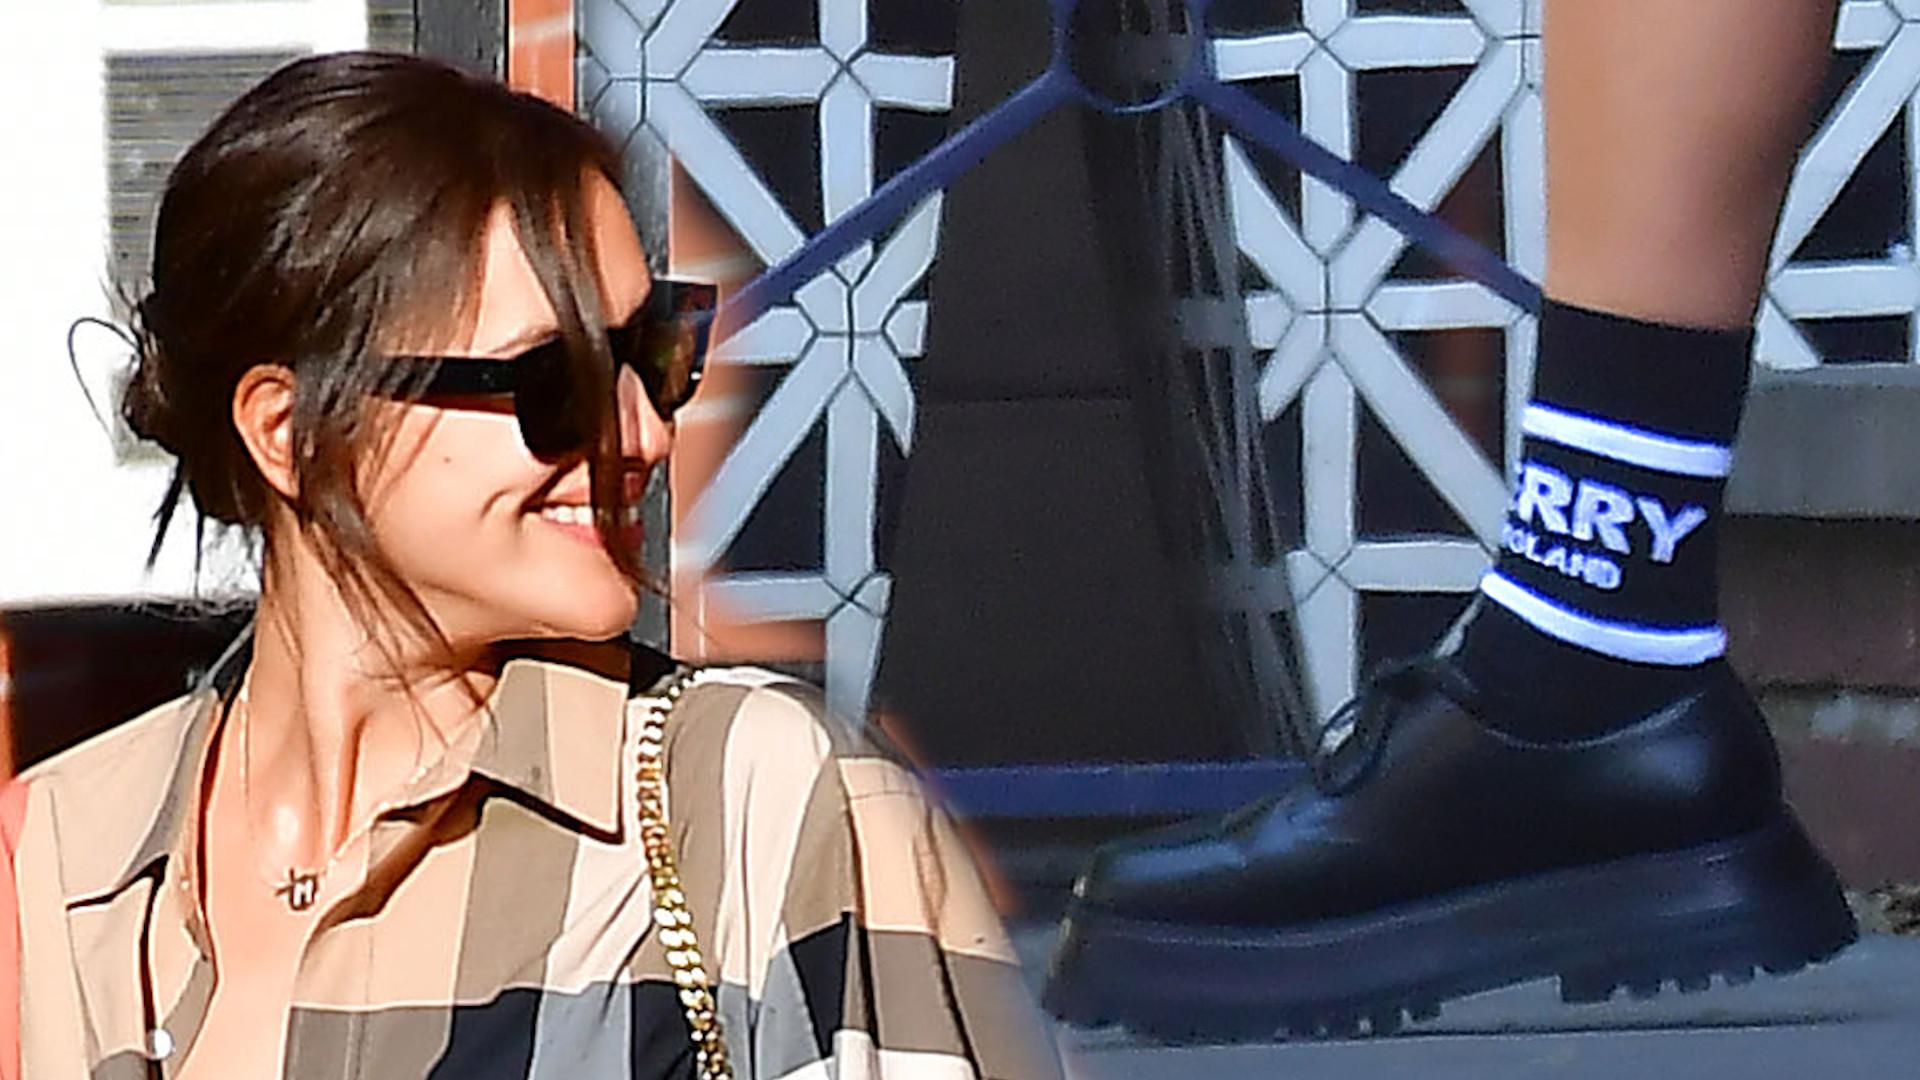 WOW! Irina Shayk spędziła prawie cały dzień u Bradley Coopera (ZDJĘCIA)